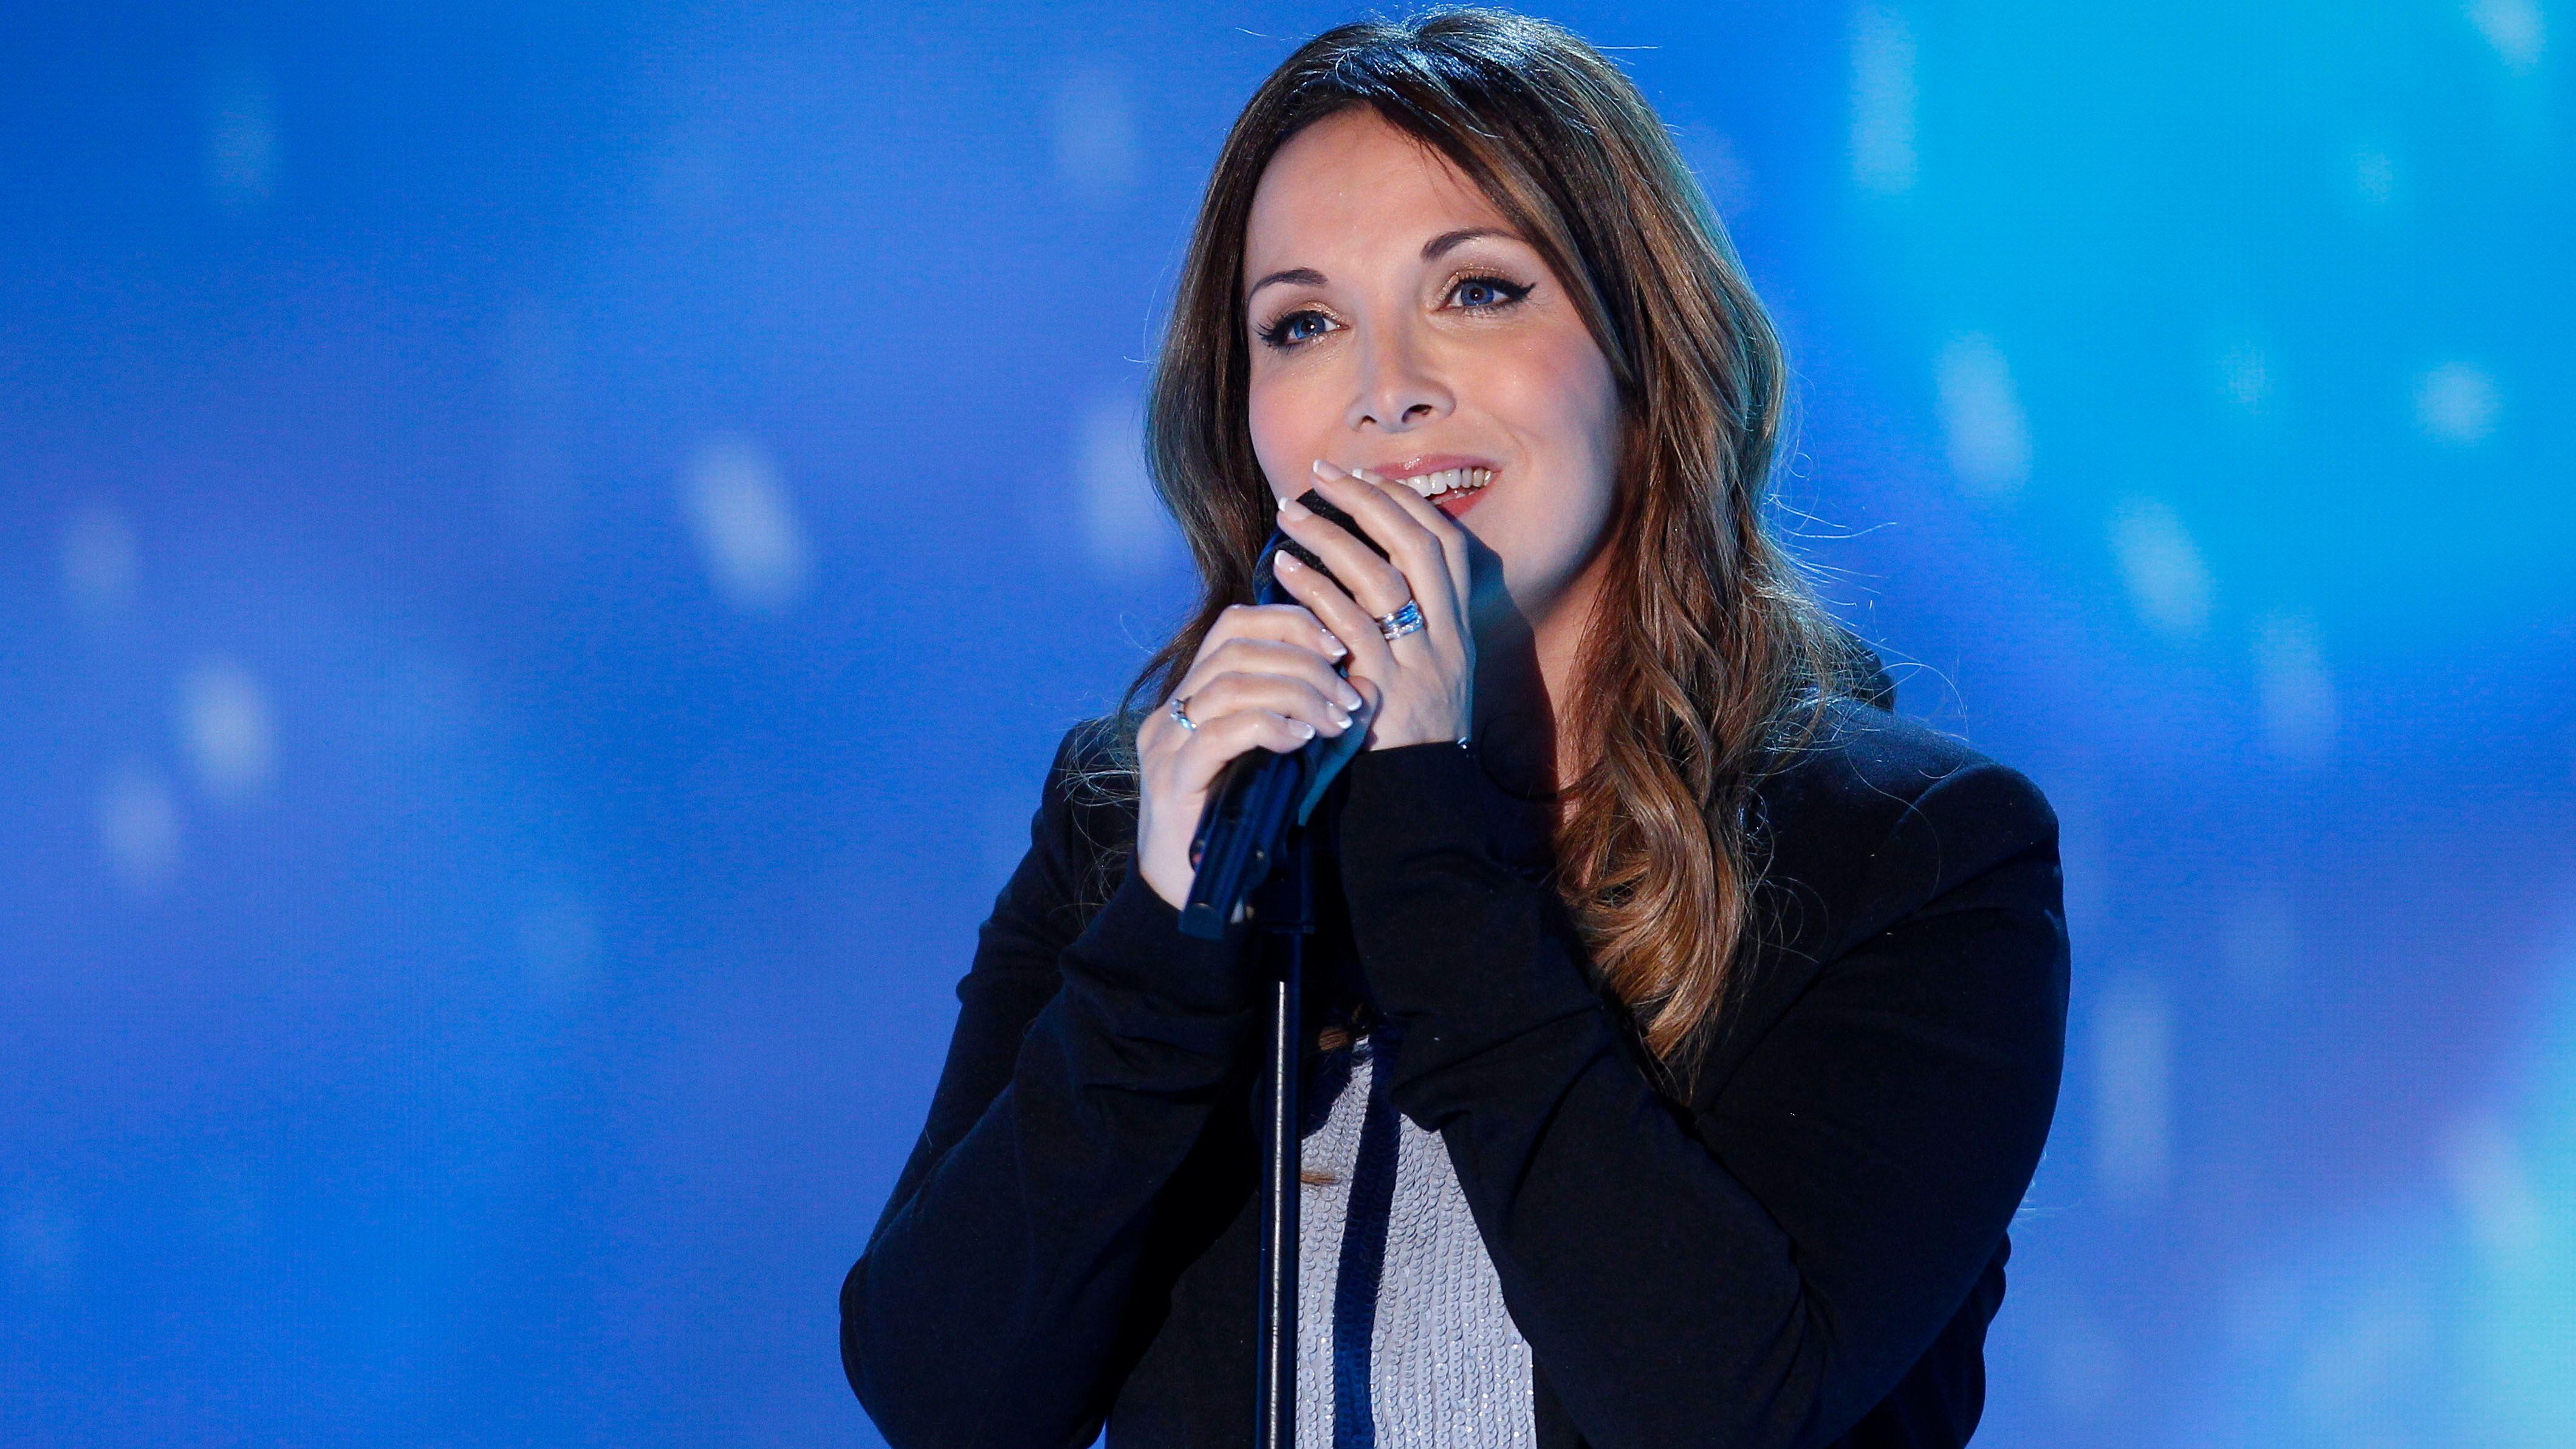 La France a un incroyable talent : le gros tacle d'Hélène Ségara à Sugar Sammy